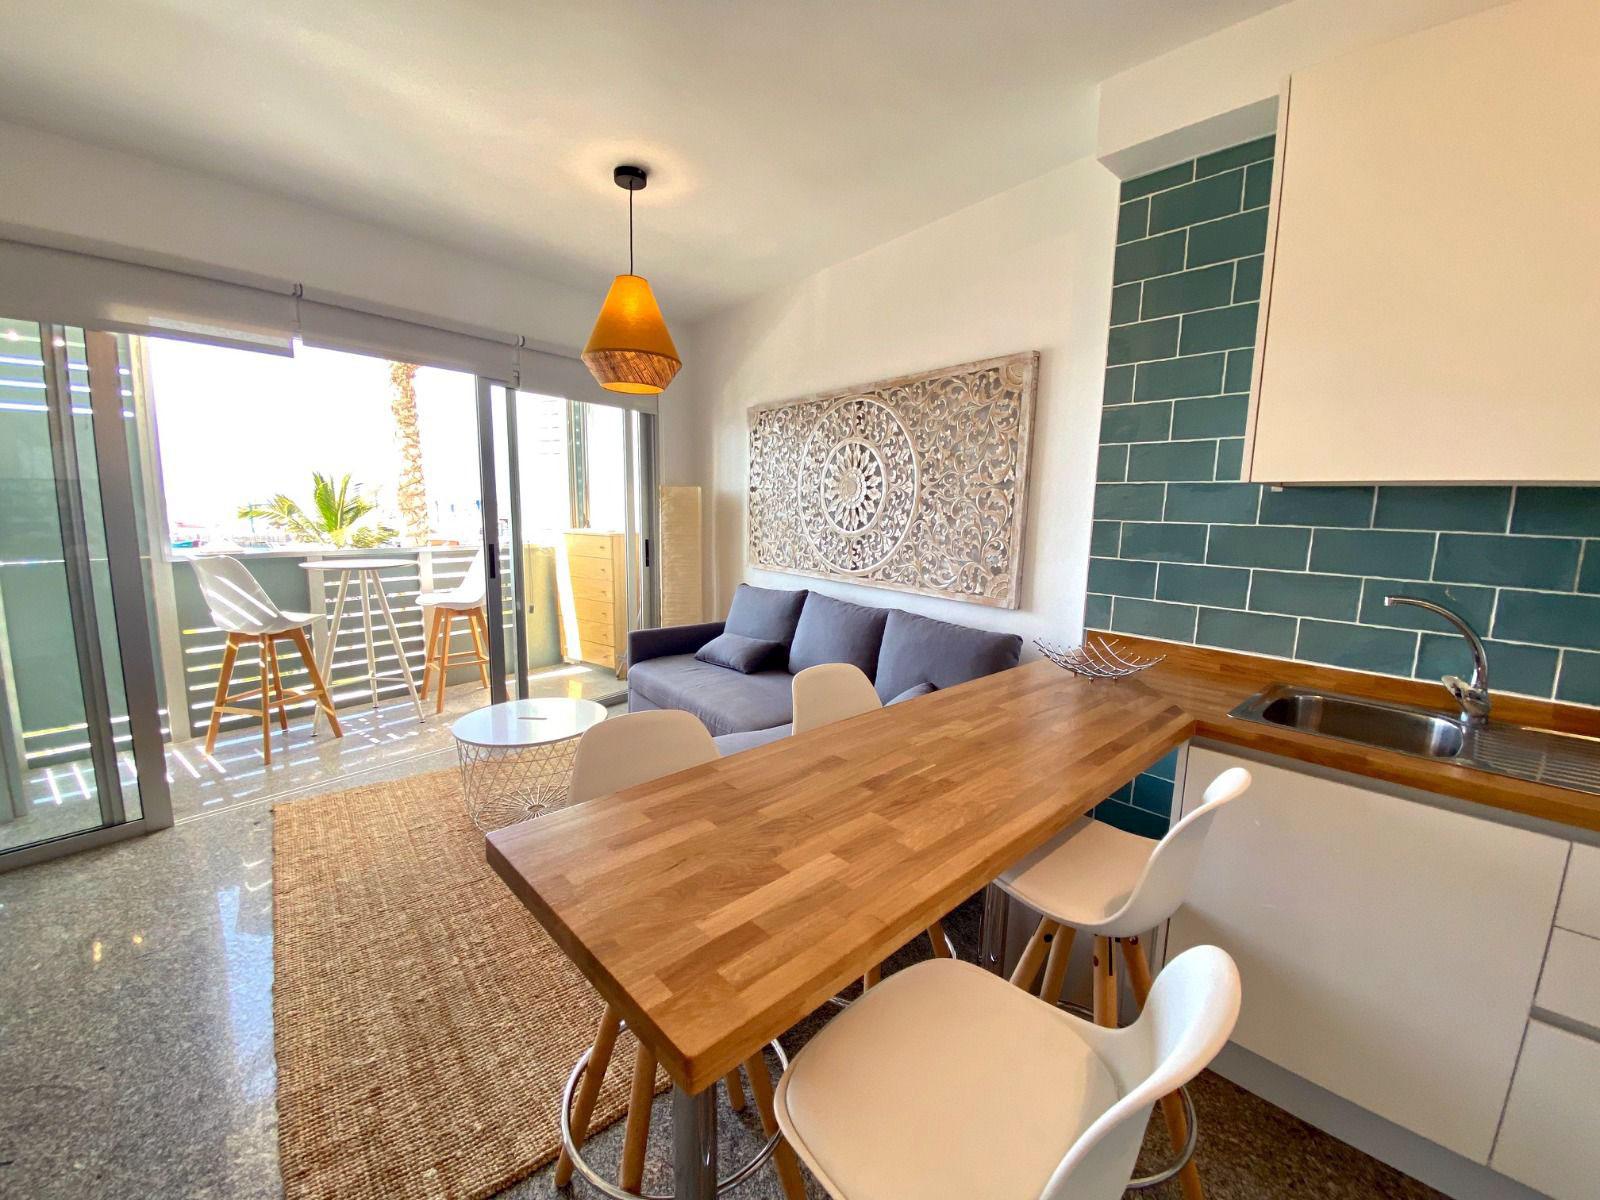 Appartement entièrement rénové